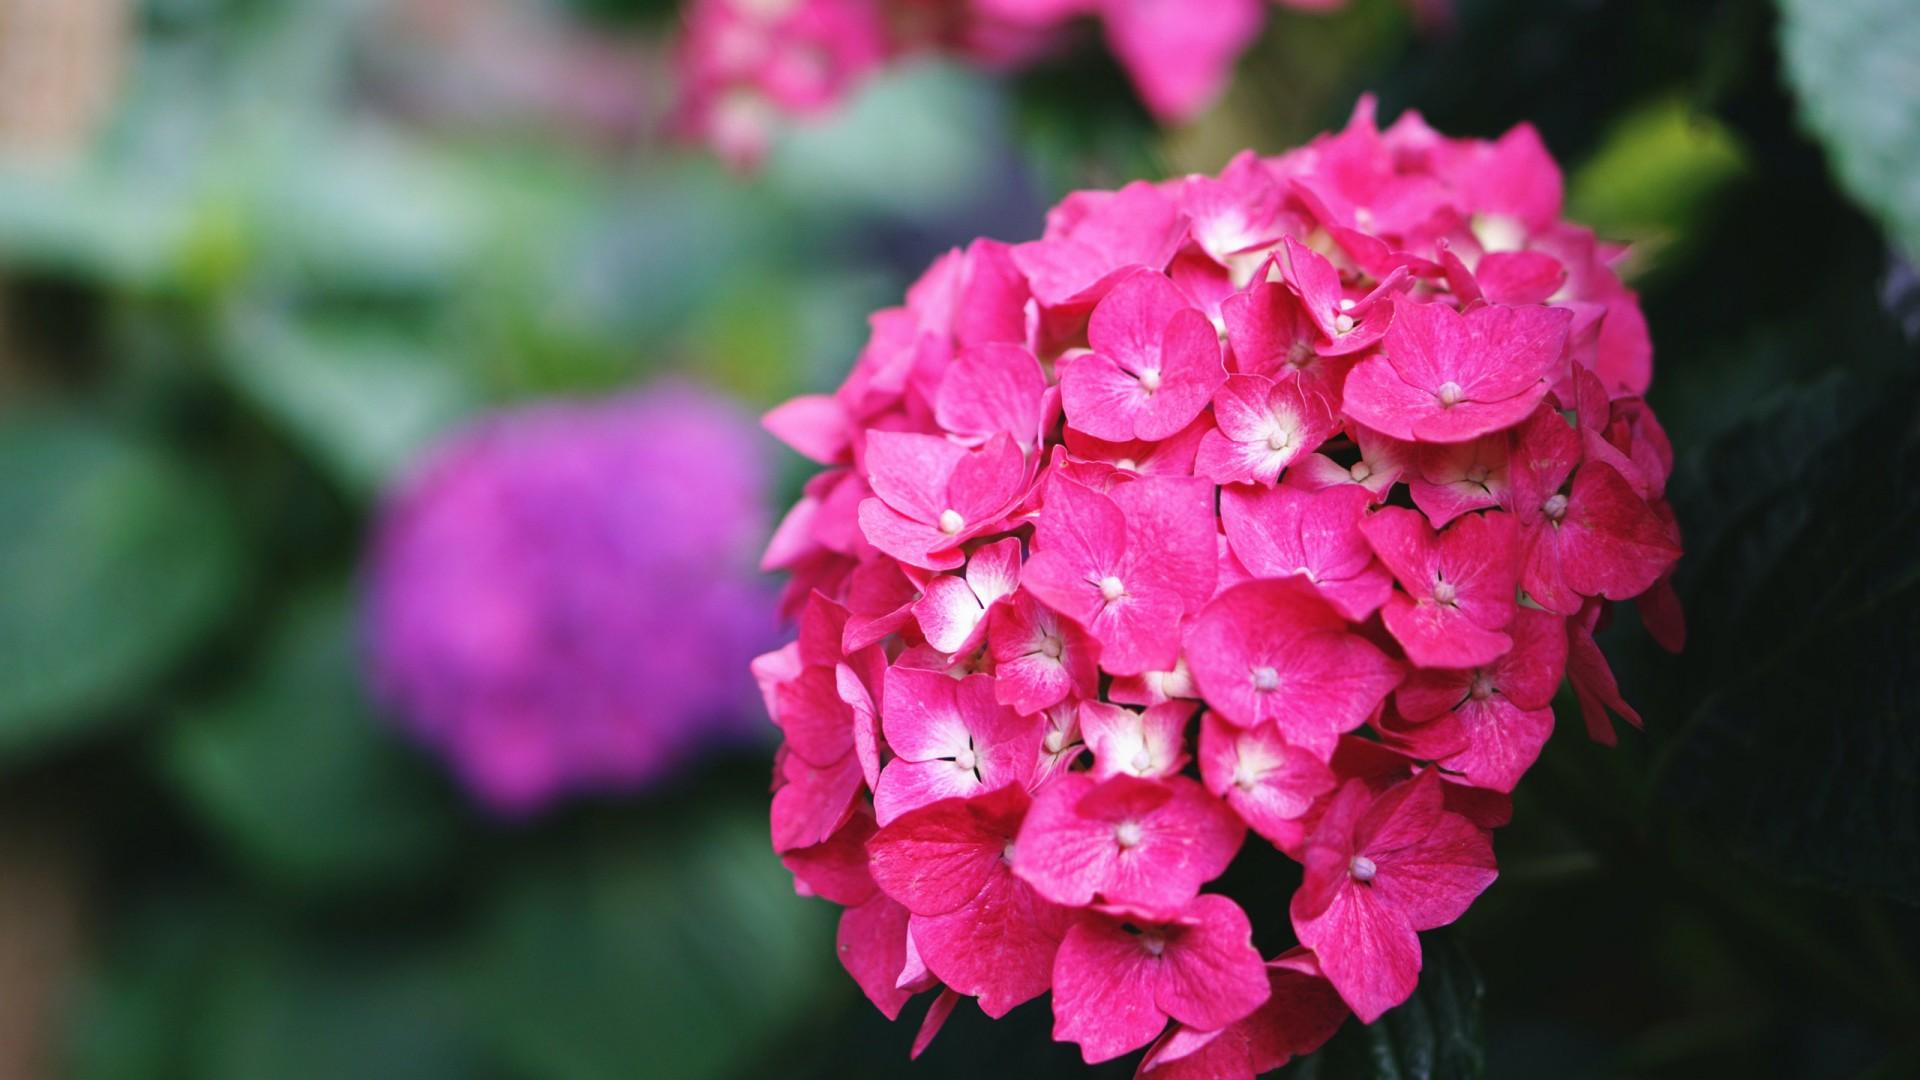 hydrangea pink flower in blur background HD flowers Wallpaper